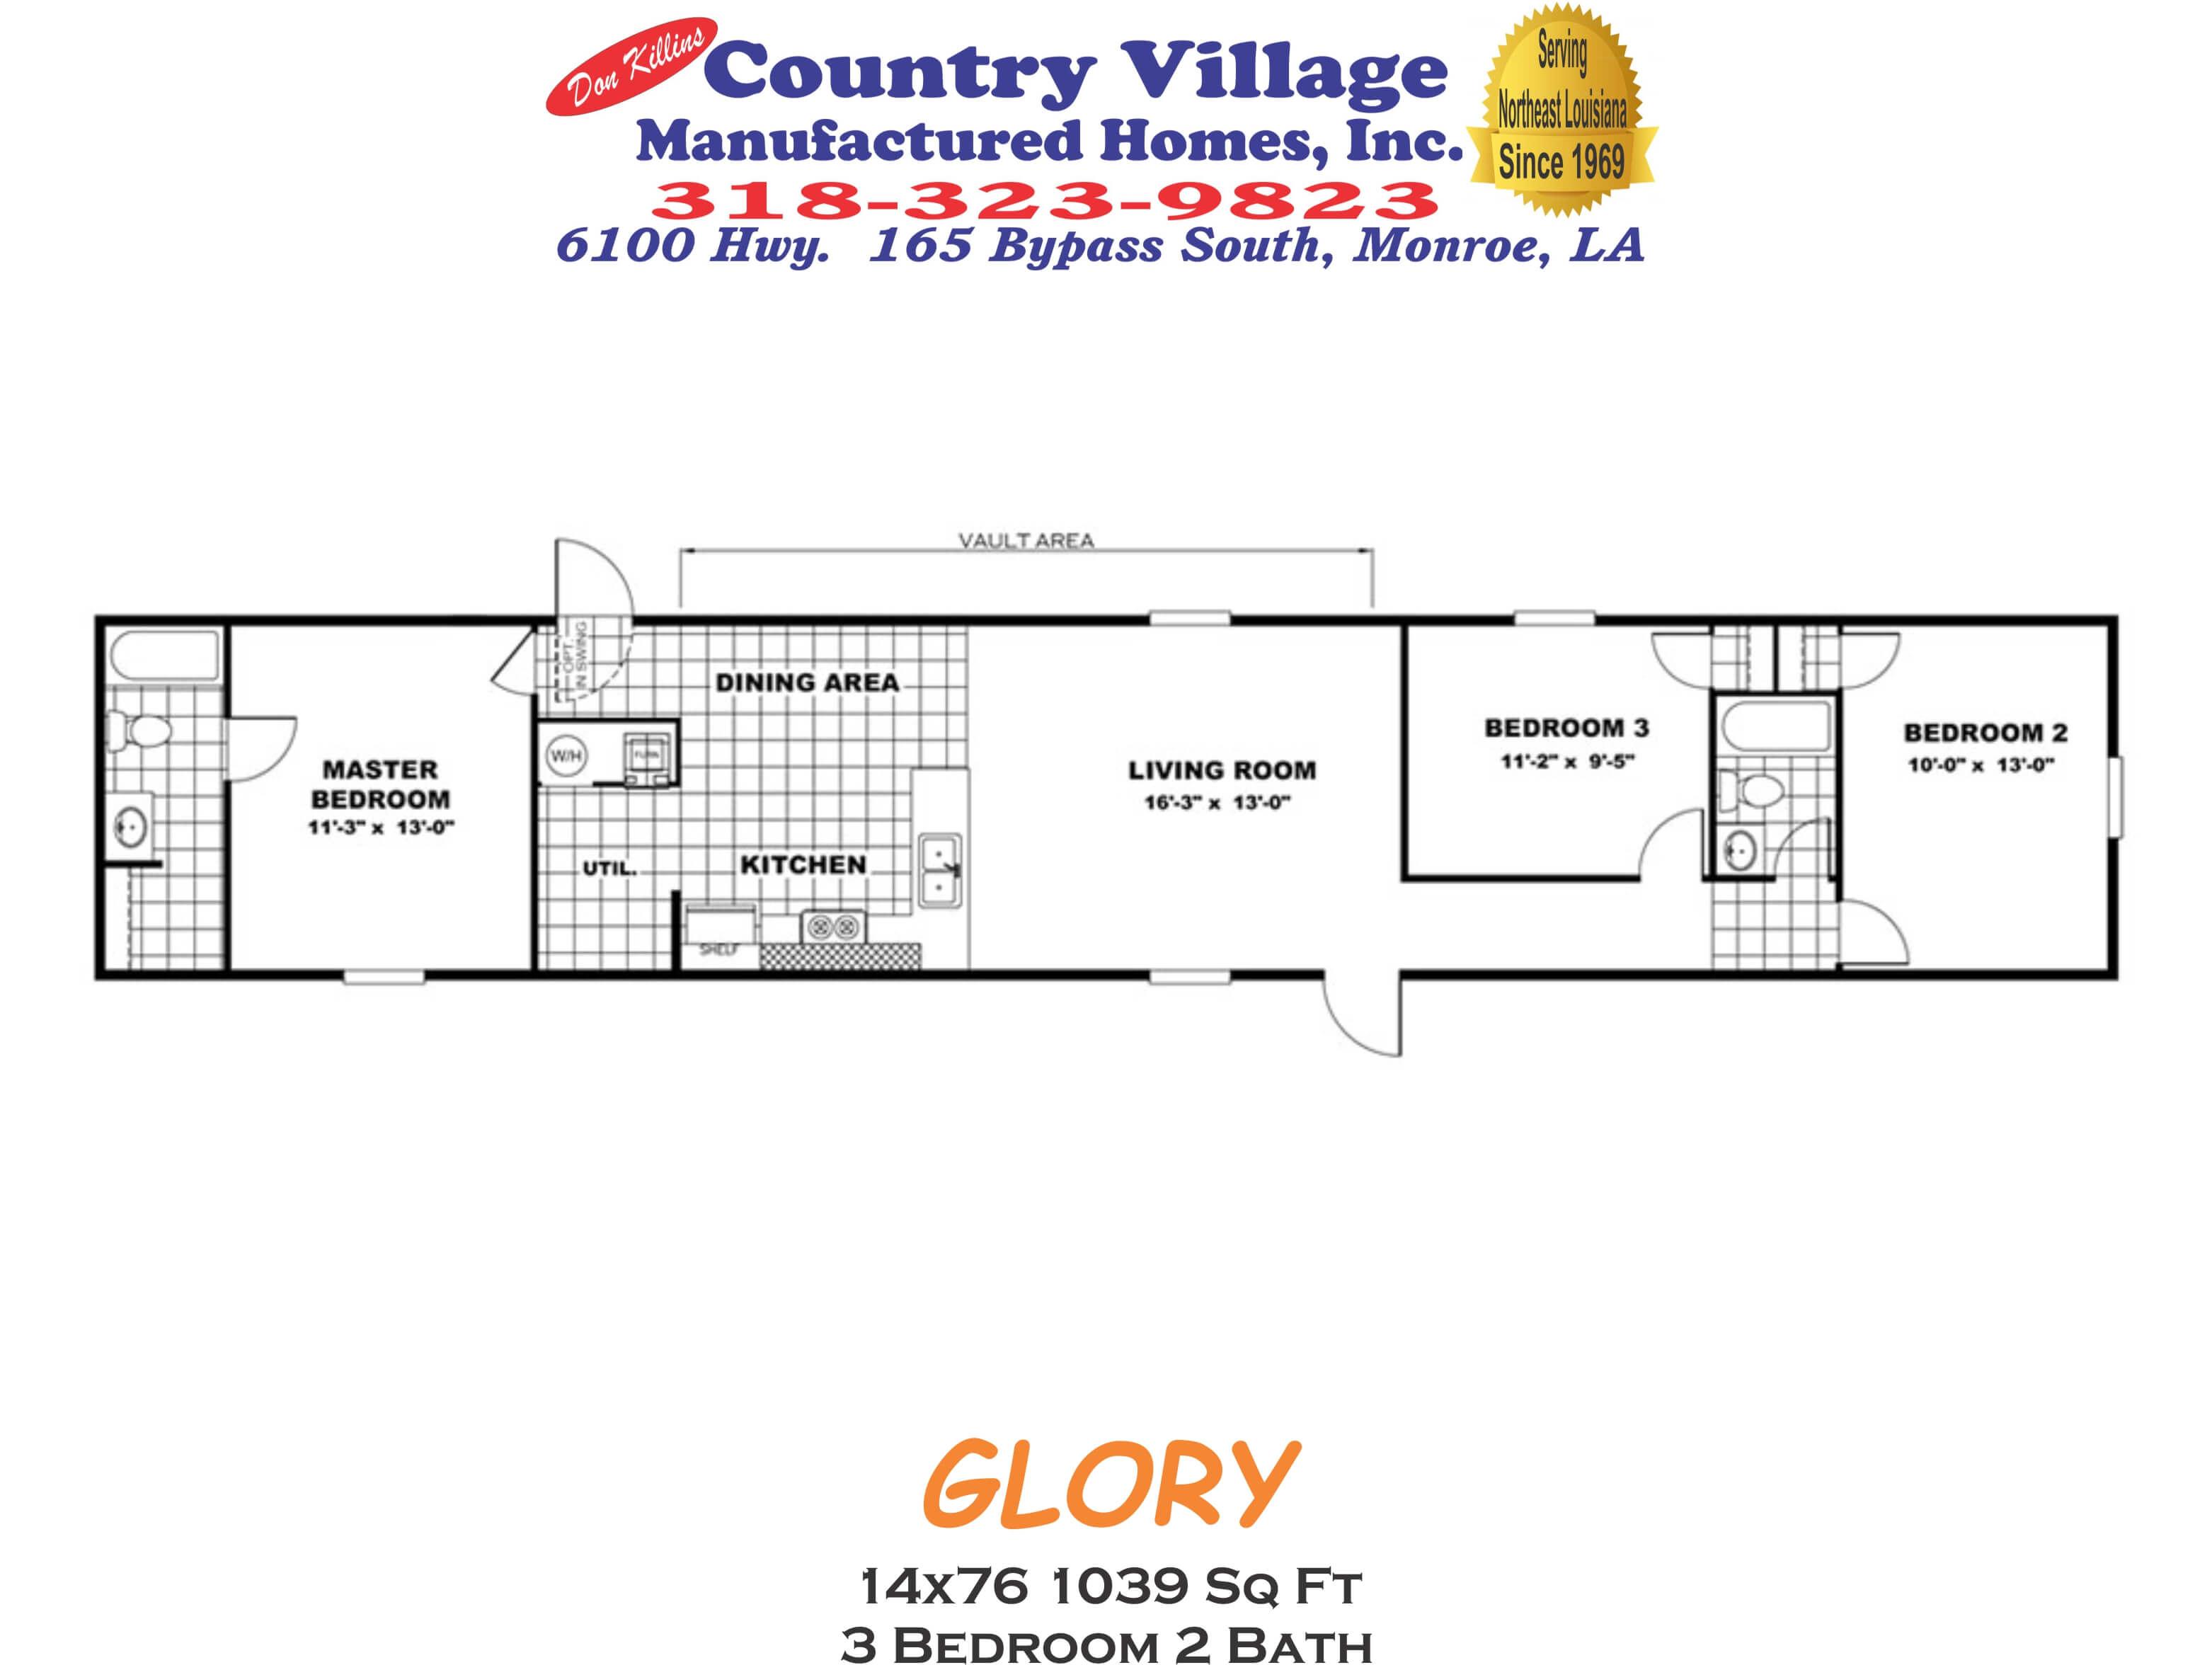 GLORY 14x76 1039 sq ft 3+2